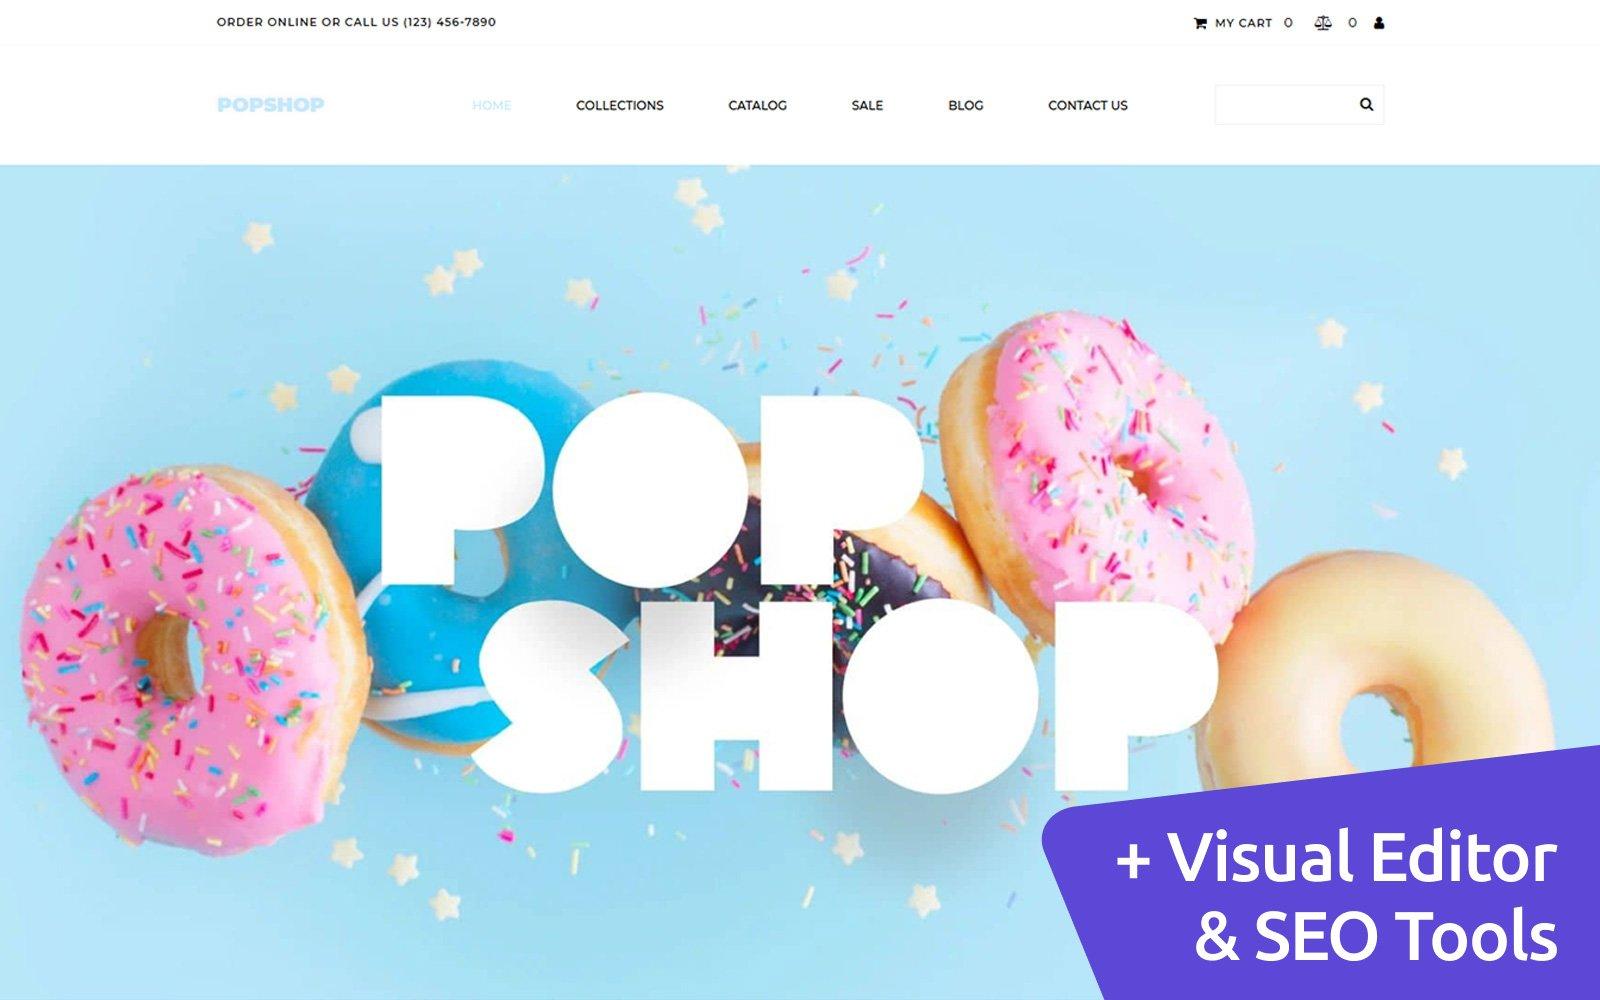 Responsive Popshop - Sweet Shop Motocms E-Ticaret #102547